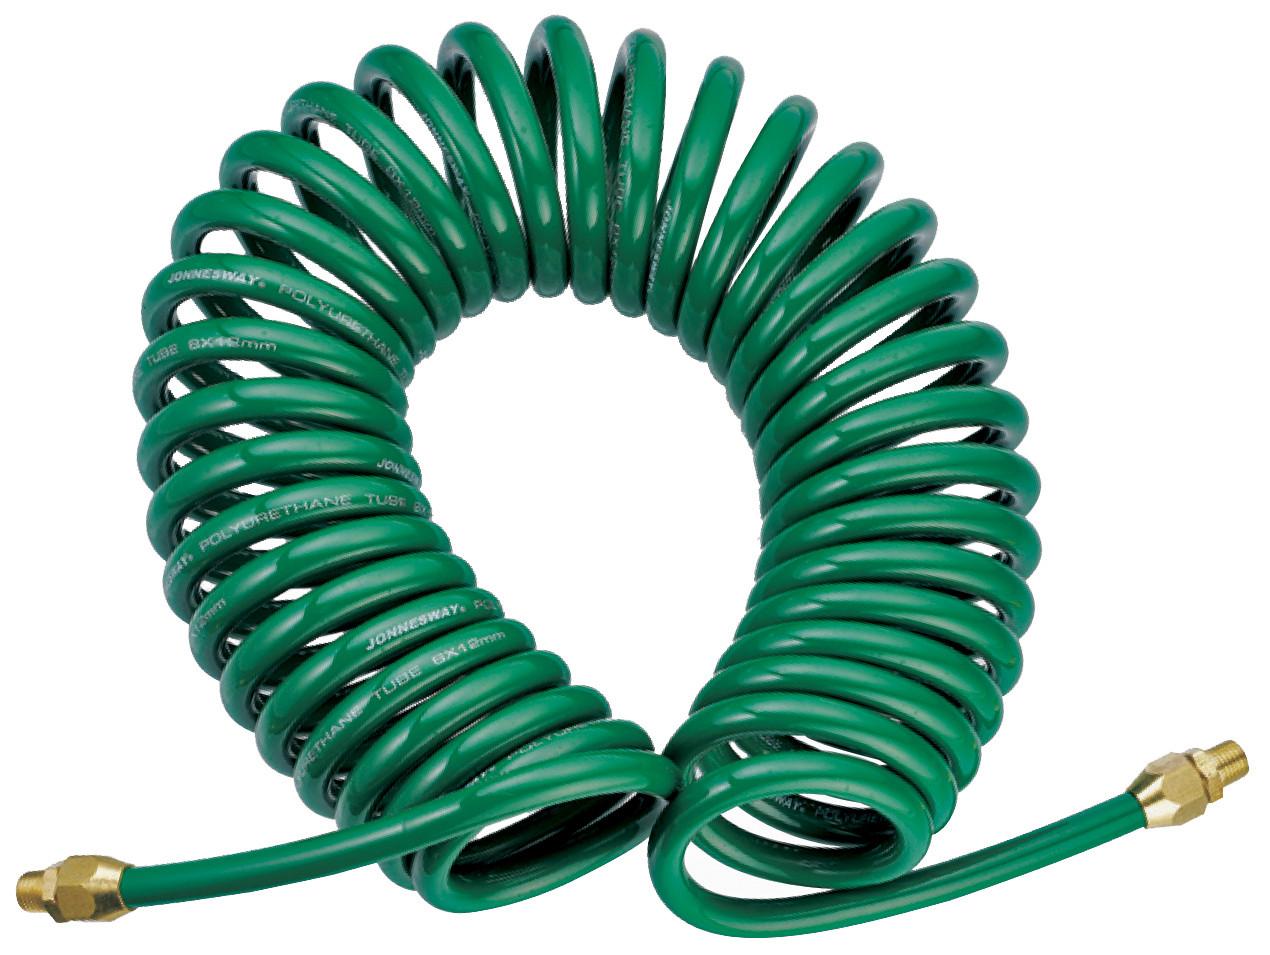 Шланг спиральный для пневмоинструмента 6,5х10 мм, 15м, JAZ-7214W JONNESWAY